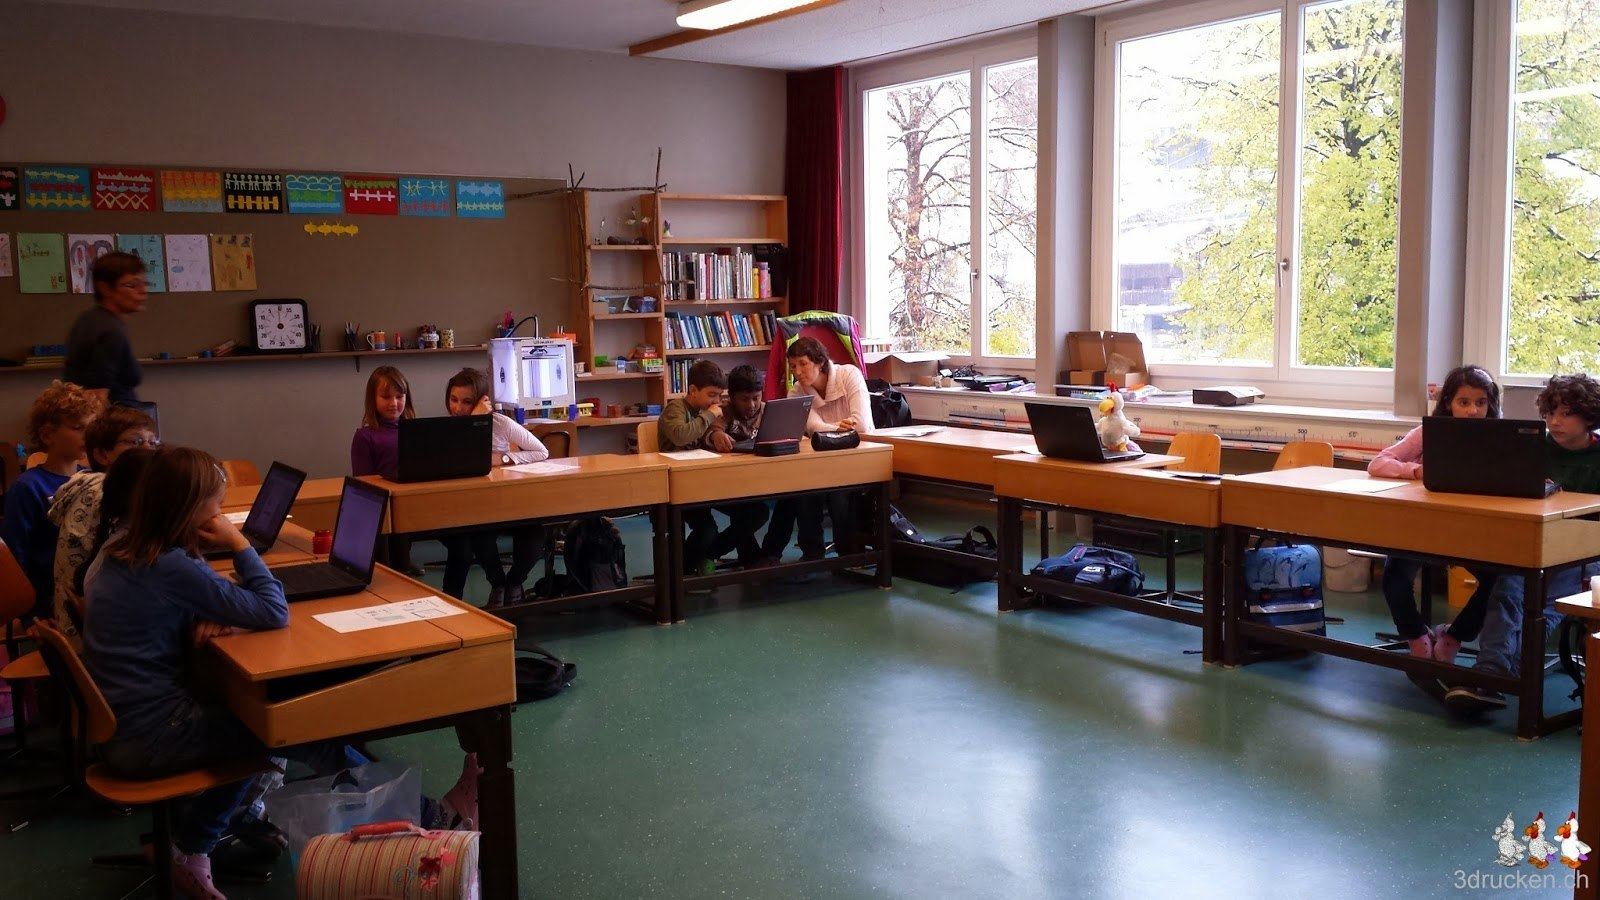 Foto des Klassenzimmers mit fleissig arbeitenden Schülerinnen und Schülern